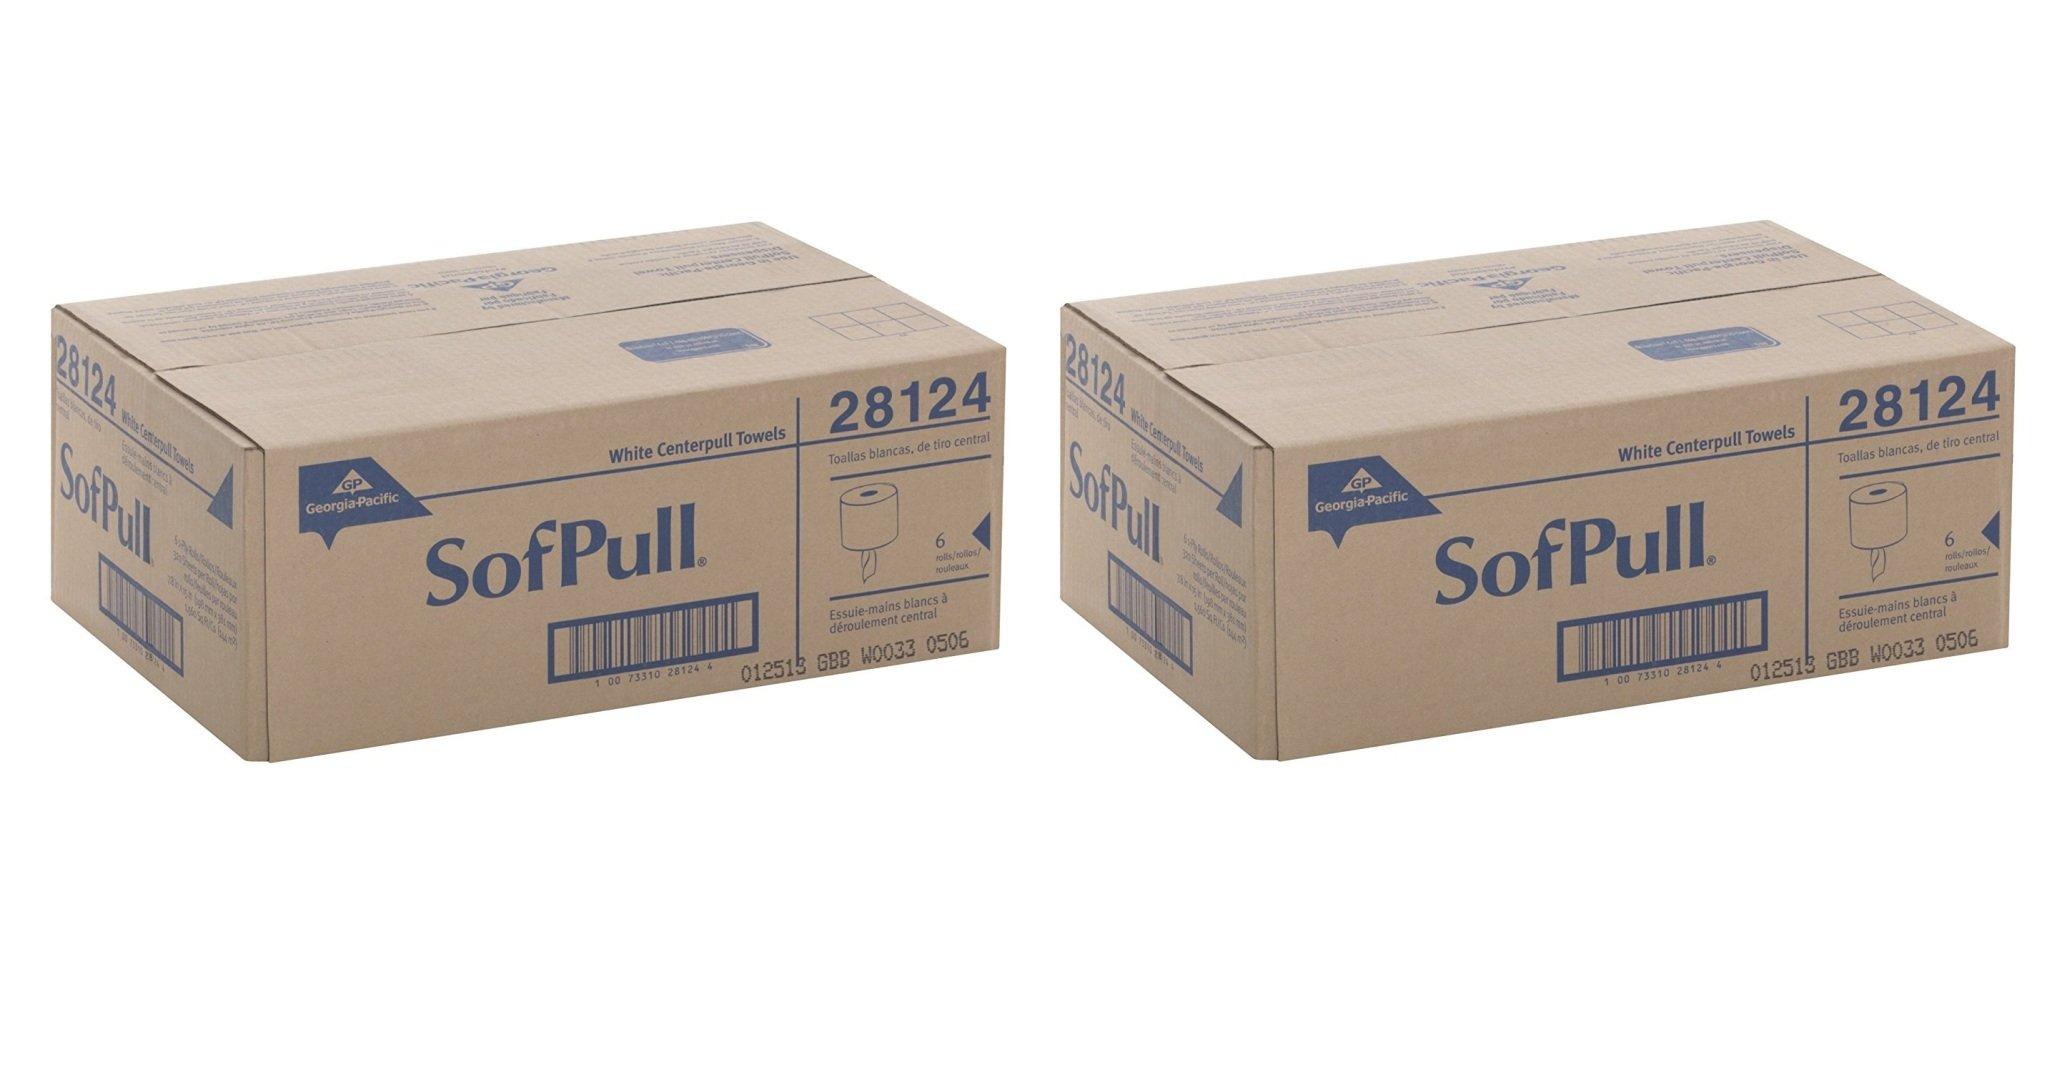 Georgia-Pacific SofPull 28124 White xJArhA Premium 1-Ply Regular Capacity Centerpull Paper Towel, 2Pack (6 Rolls)